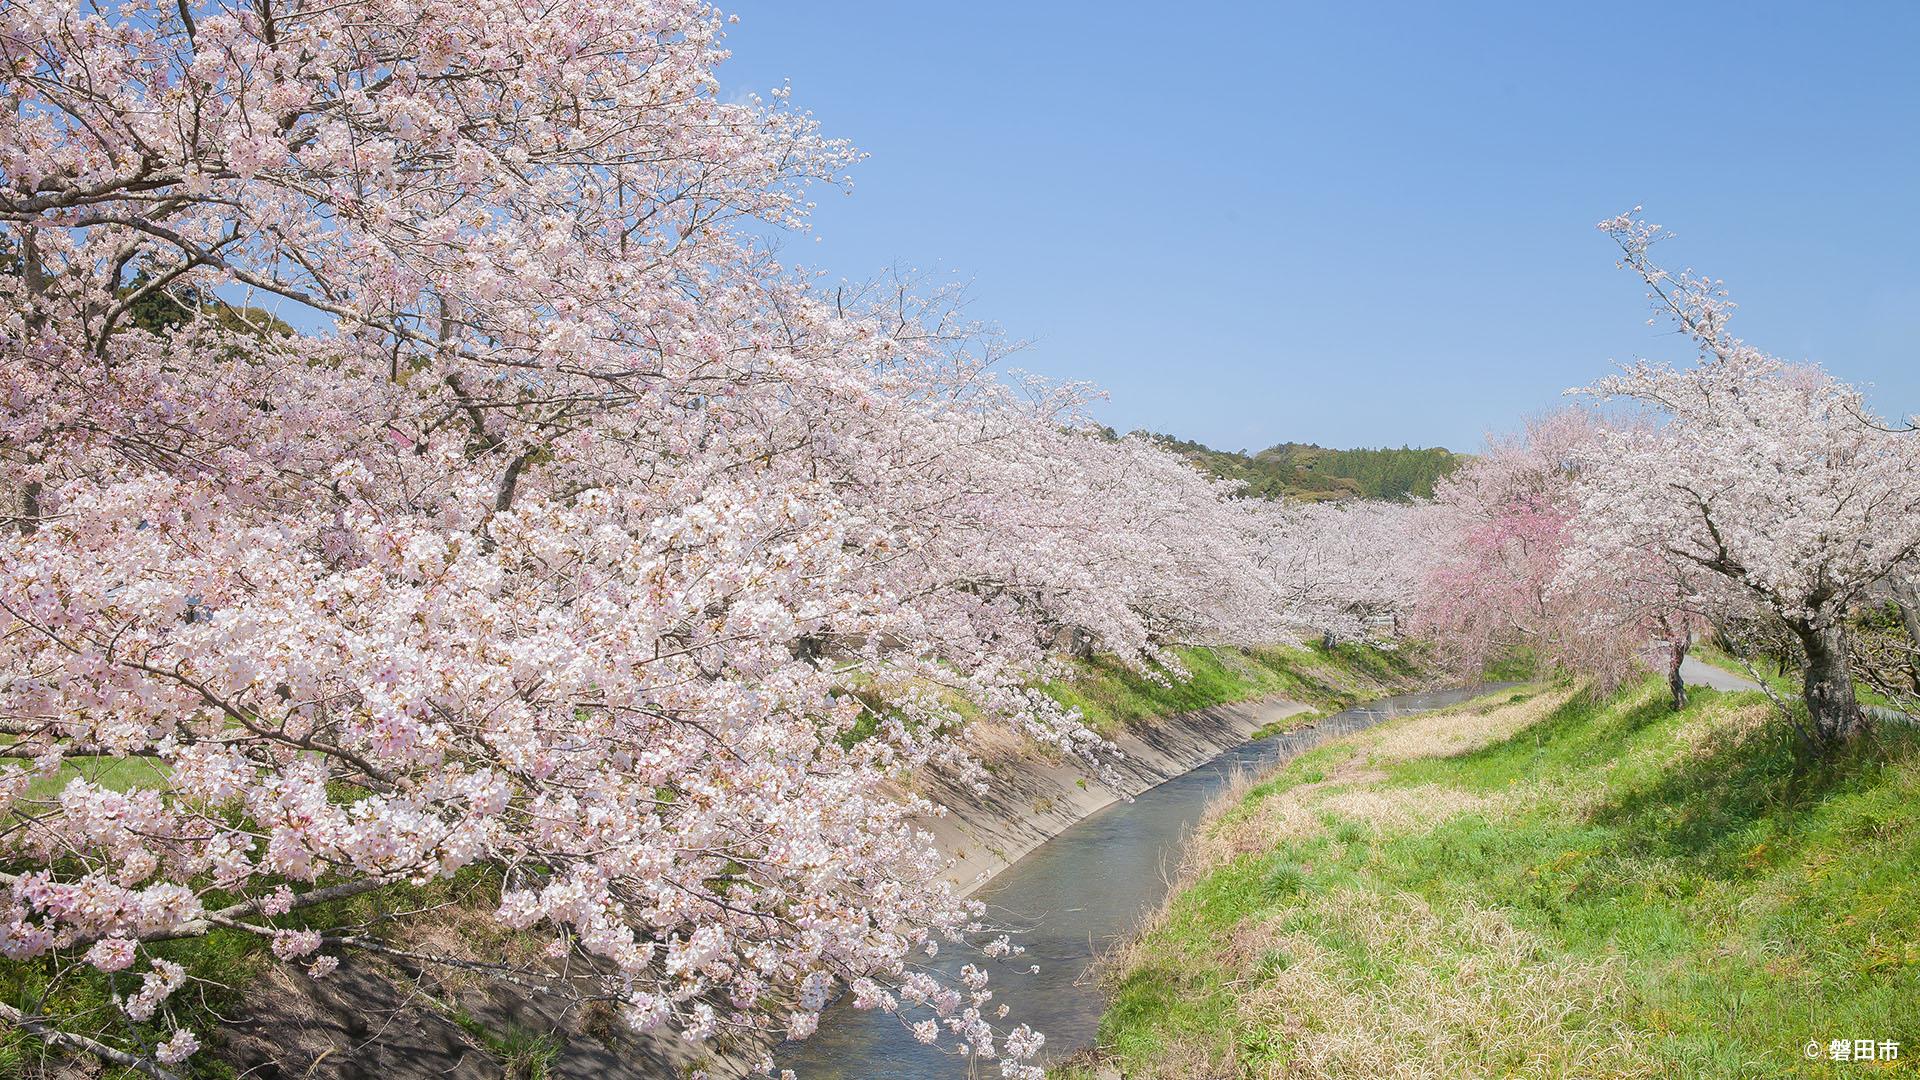 壁紙ギャラリー 磐田市公式ウェブサイト